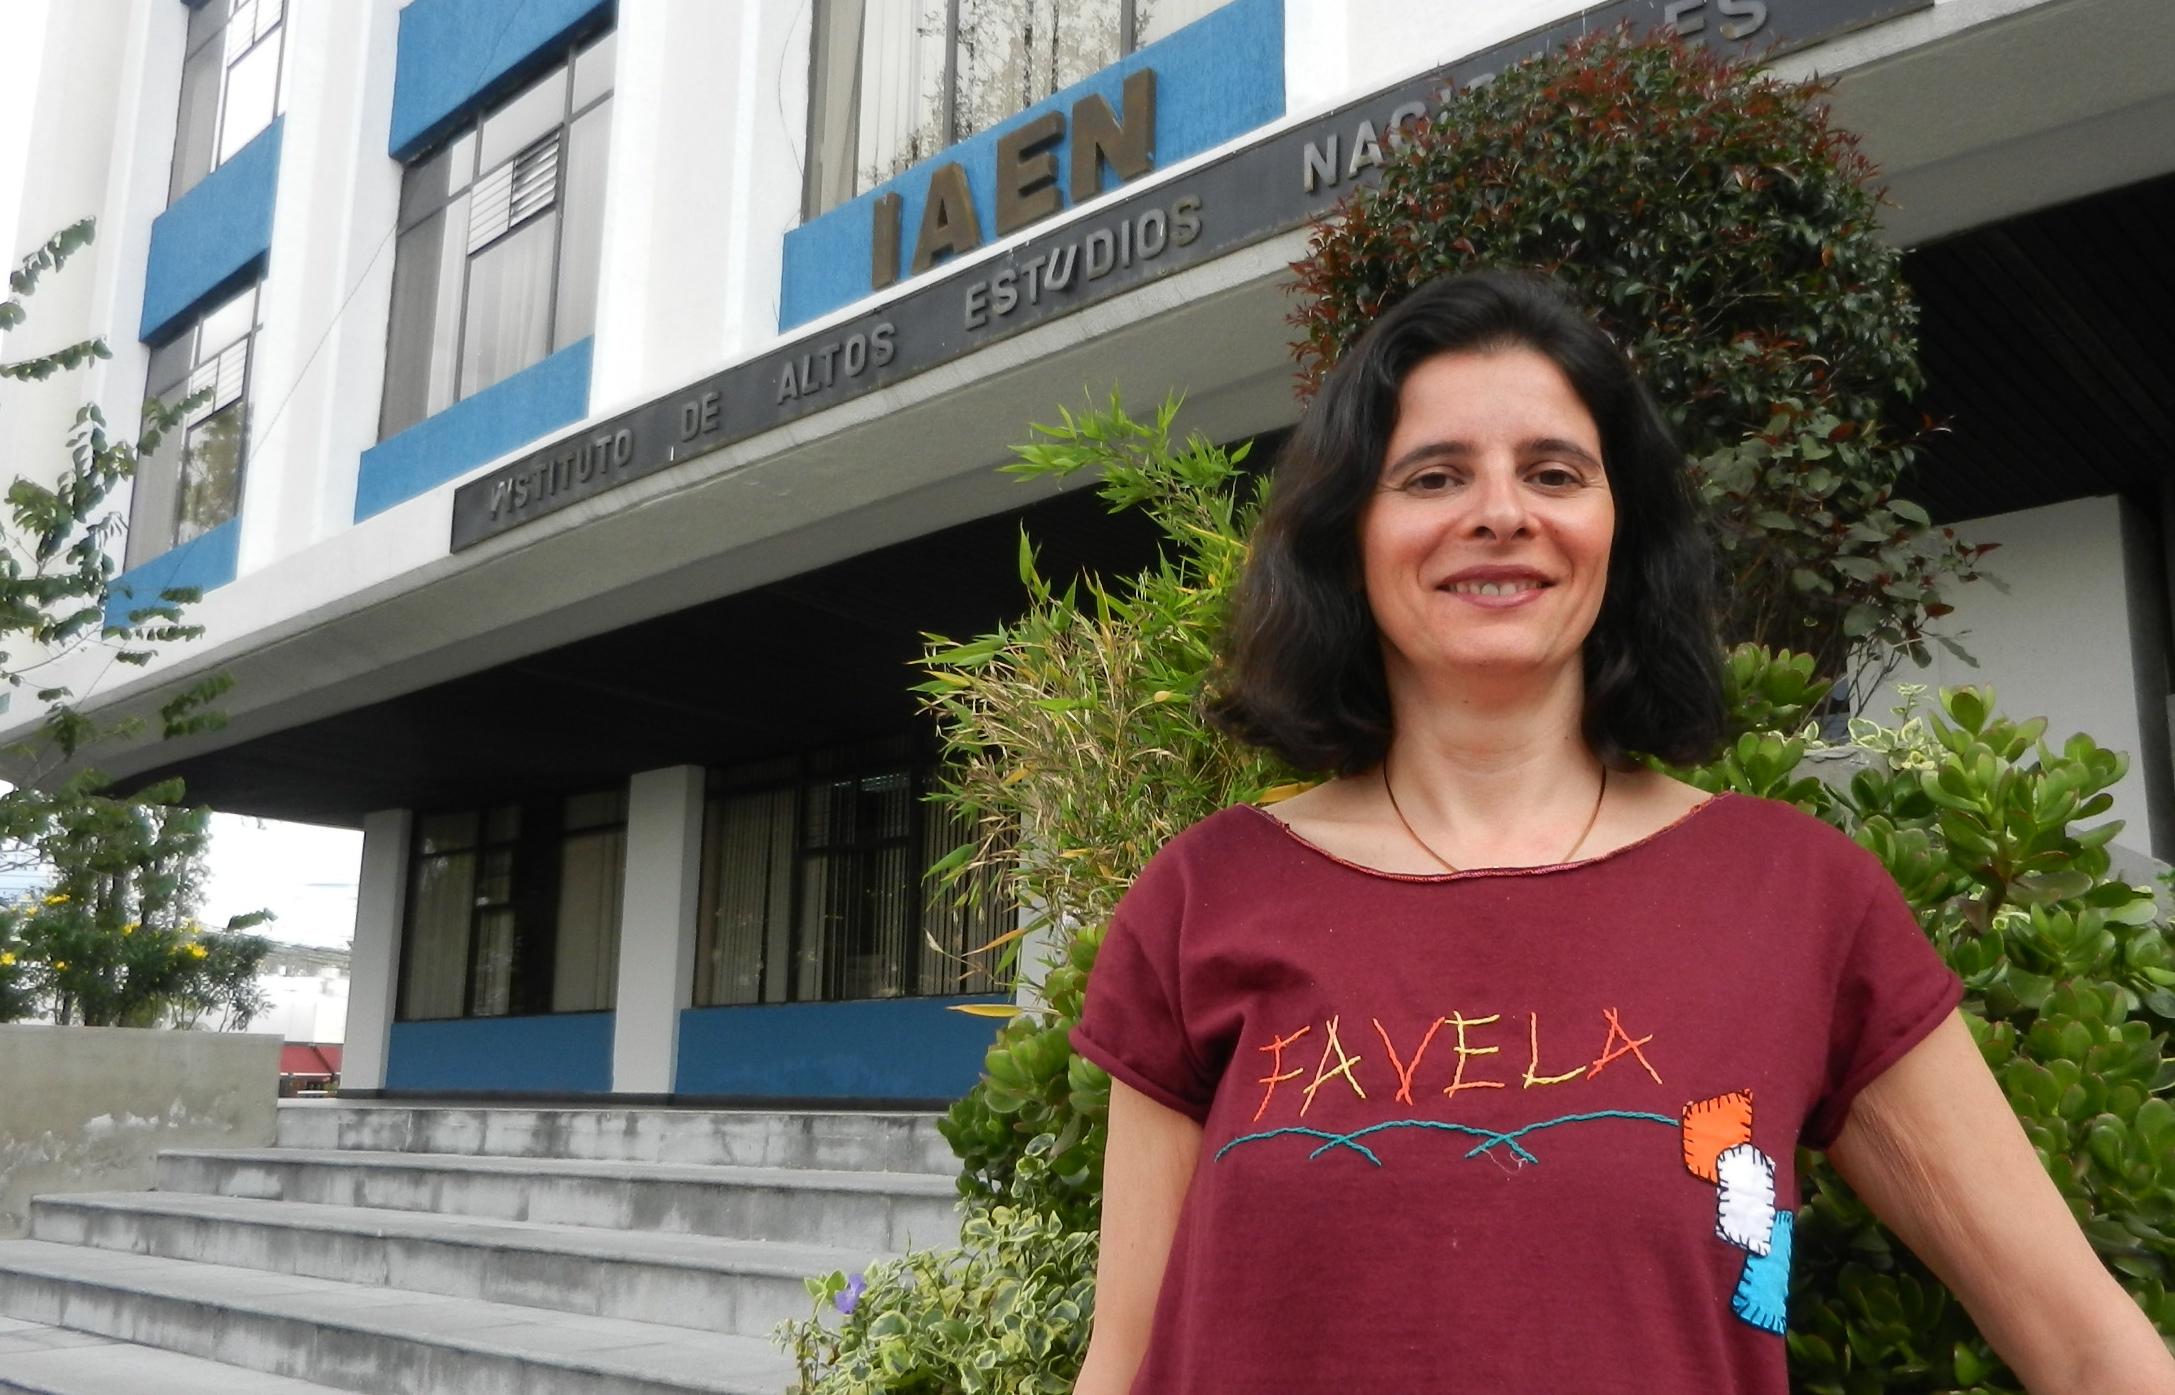 """<!--:es-->Janice Figueiredo entrevista: """"Ecuador es el primer país en acoger la idea de transformar los conceptos del procomún en políticas públicas""""<!--:--><!--:en-->Janice Figueiredo interview: """"Ecuador is the first country ever to embrace the idea of turning the concepts of the Commons into public policies""""<!--:-->"""